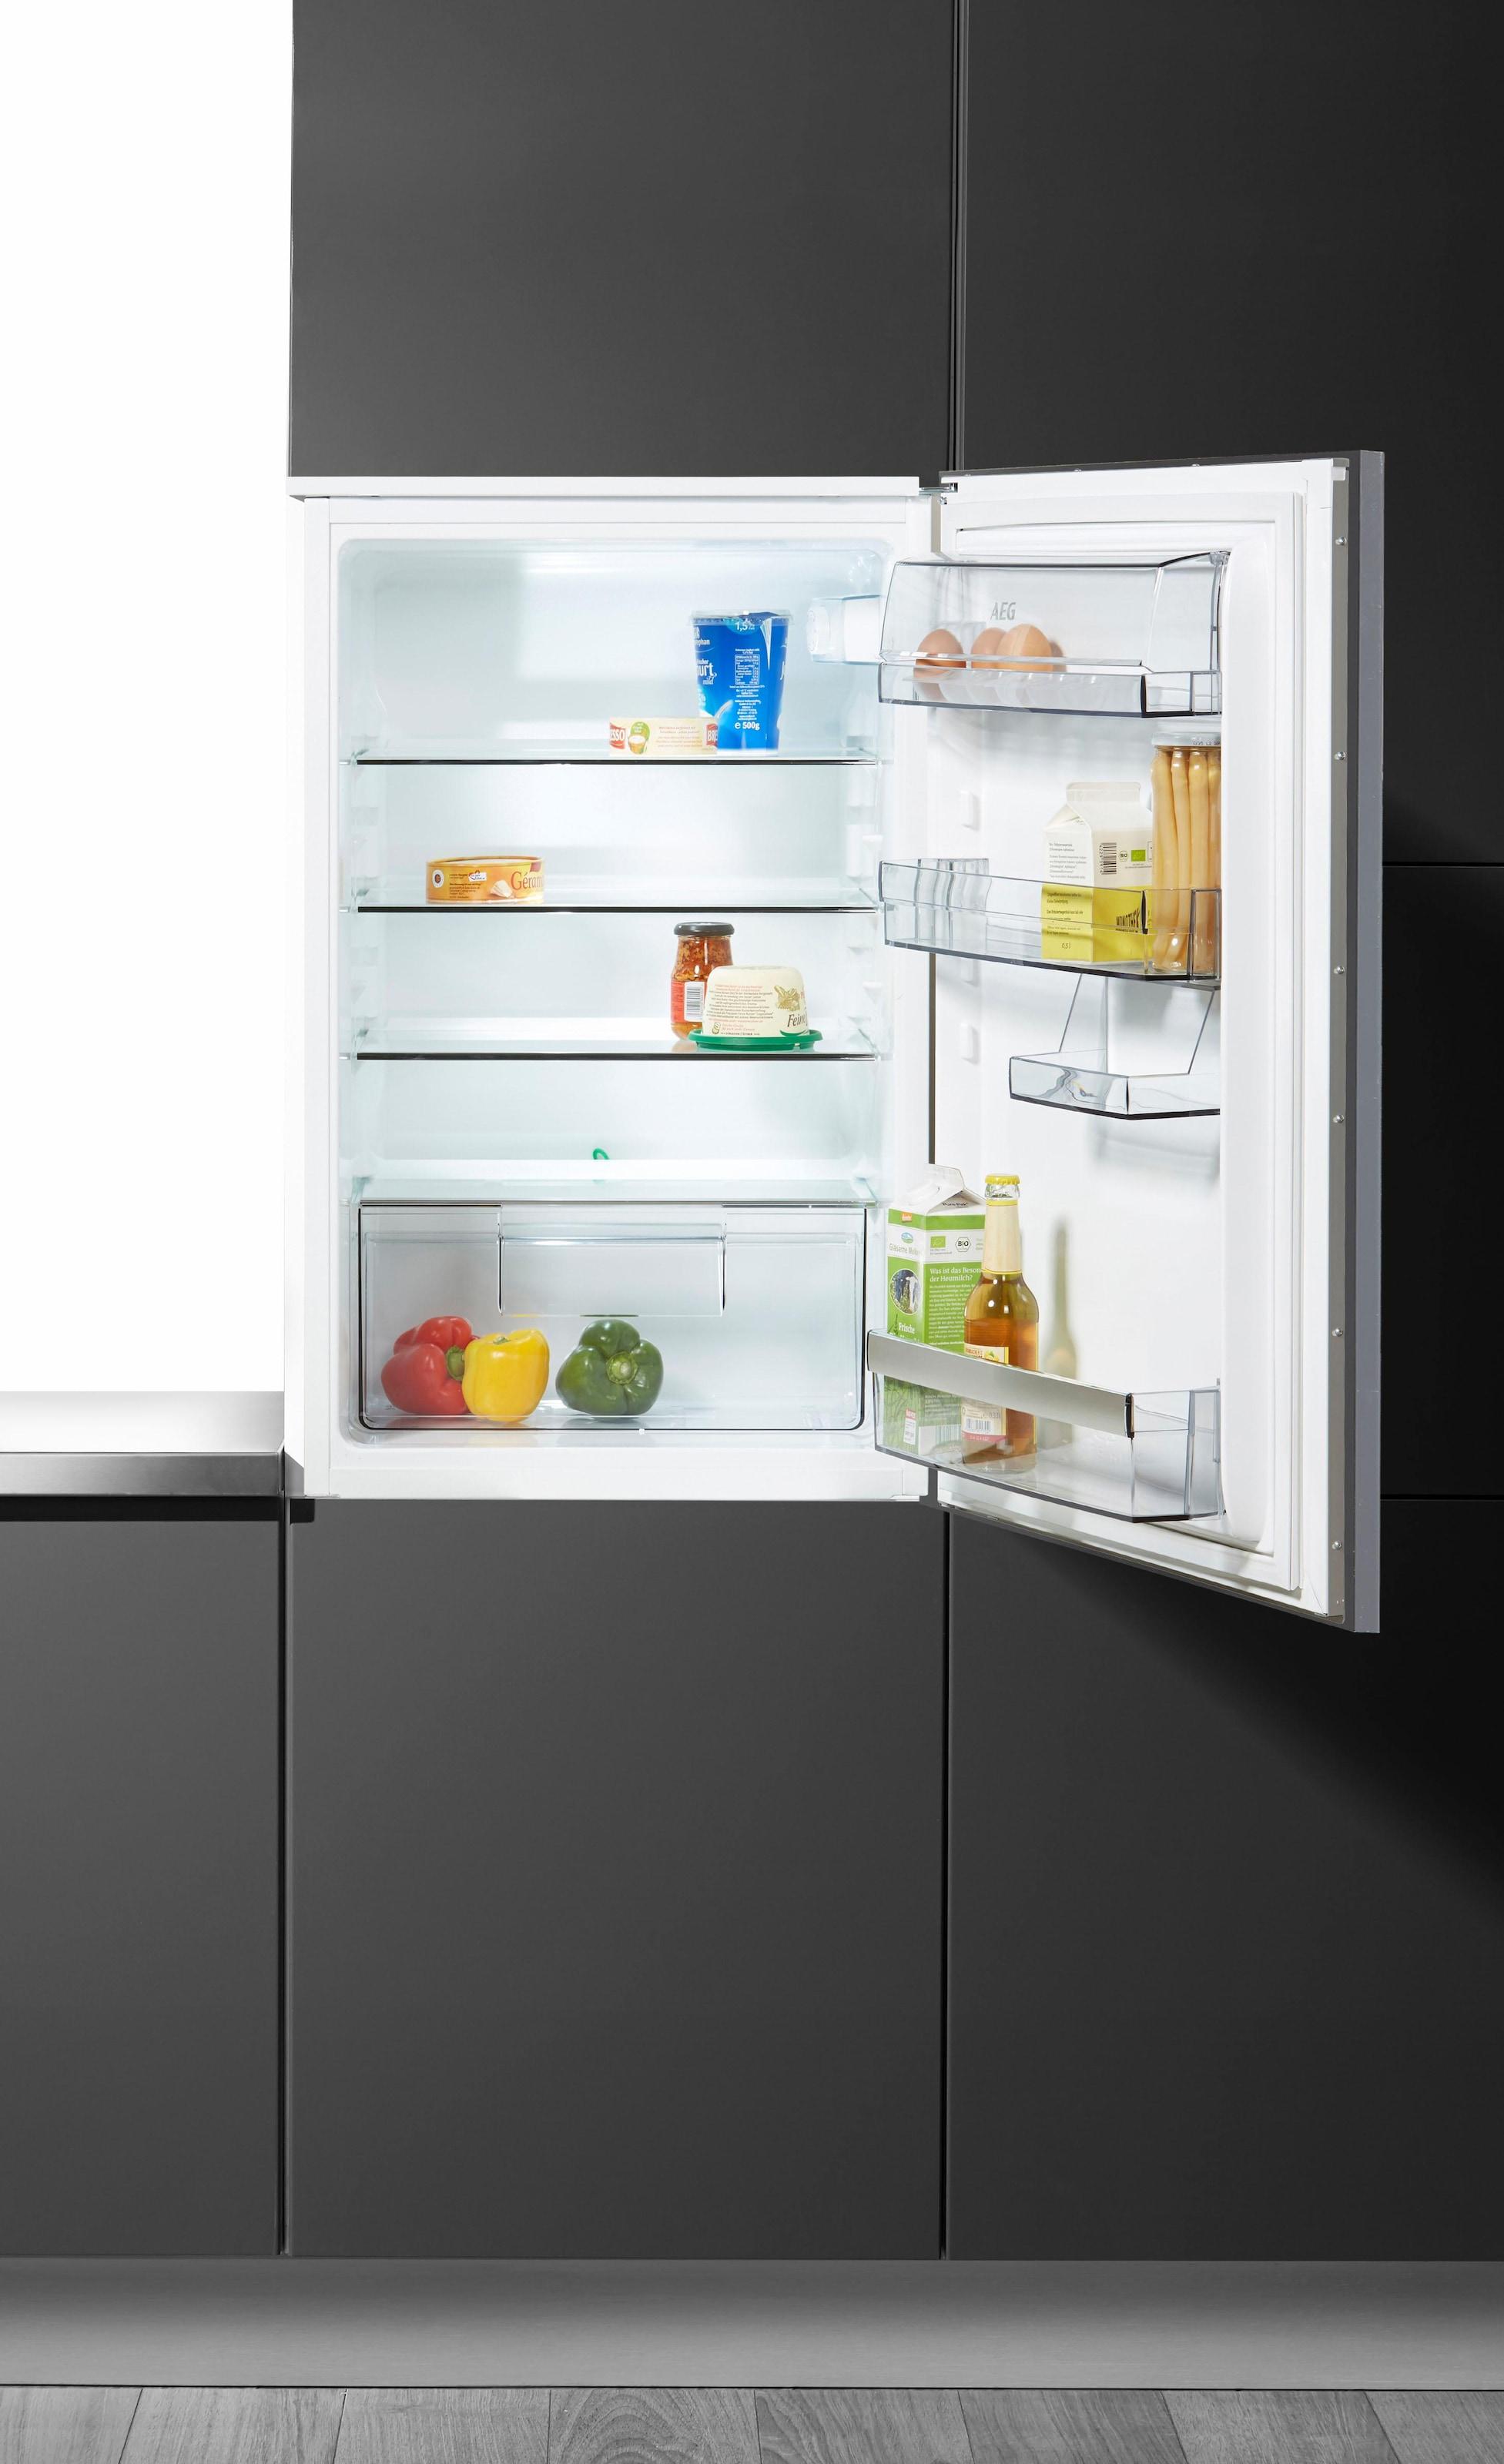 Aeg Unterbau Kühlschrank Dekorfähig : Kühlschränke dekorfähig auf raten bestellen baur